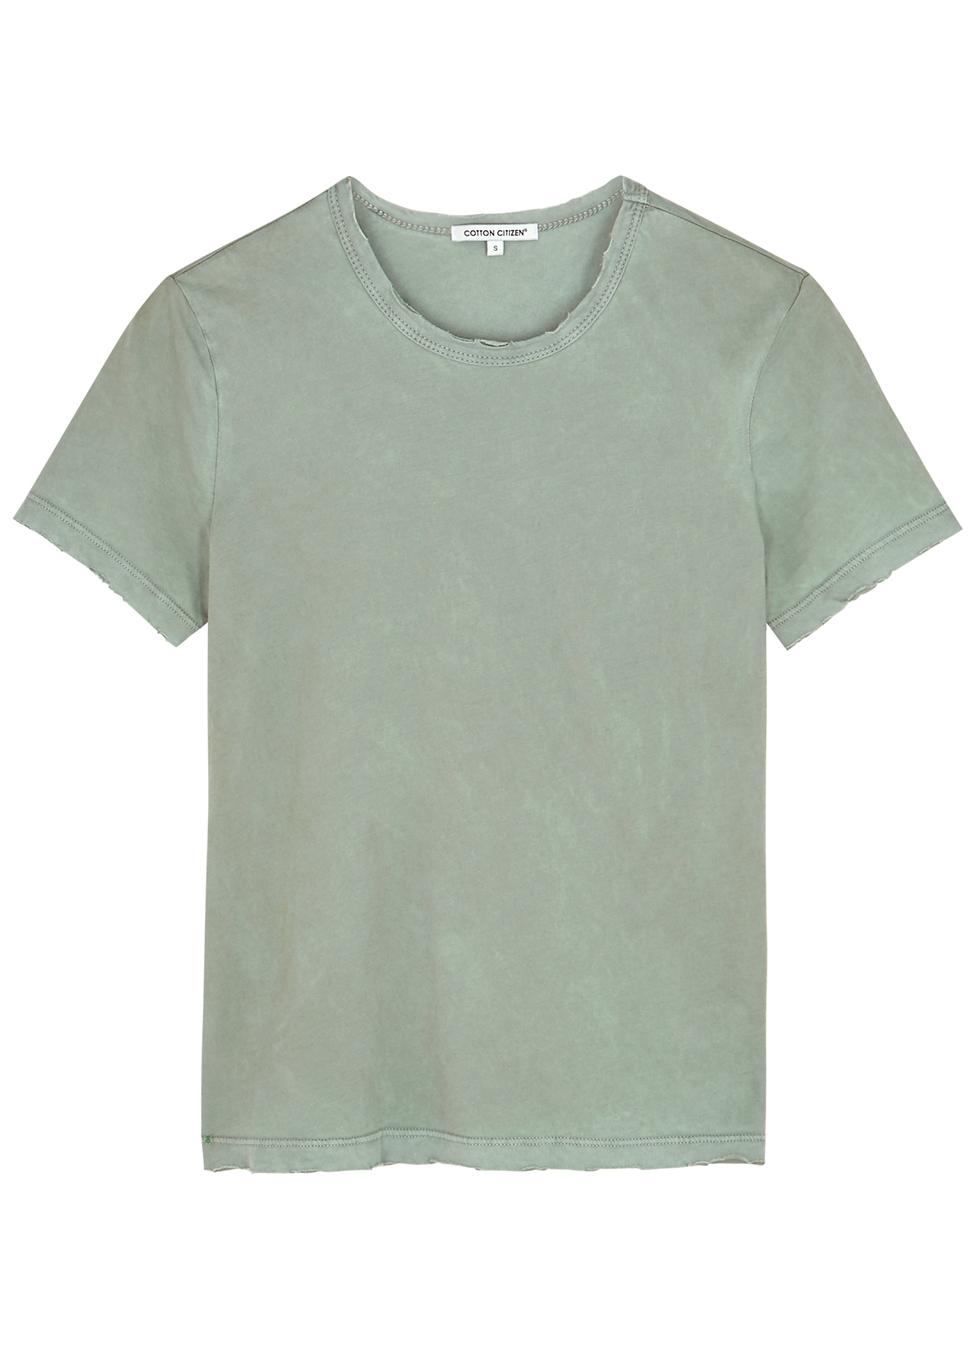 Standard sage cotton T-shirt - Cotton Citizen